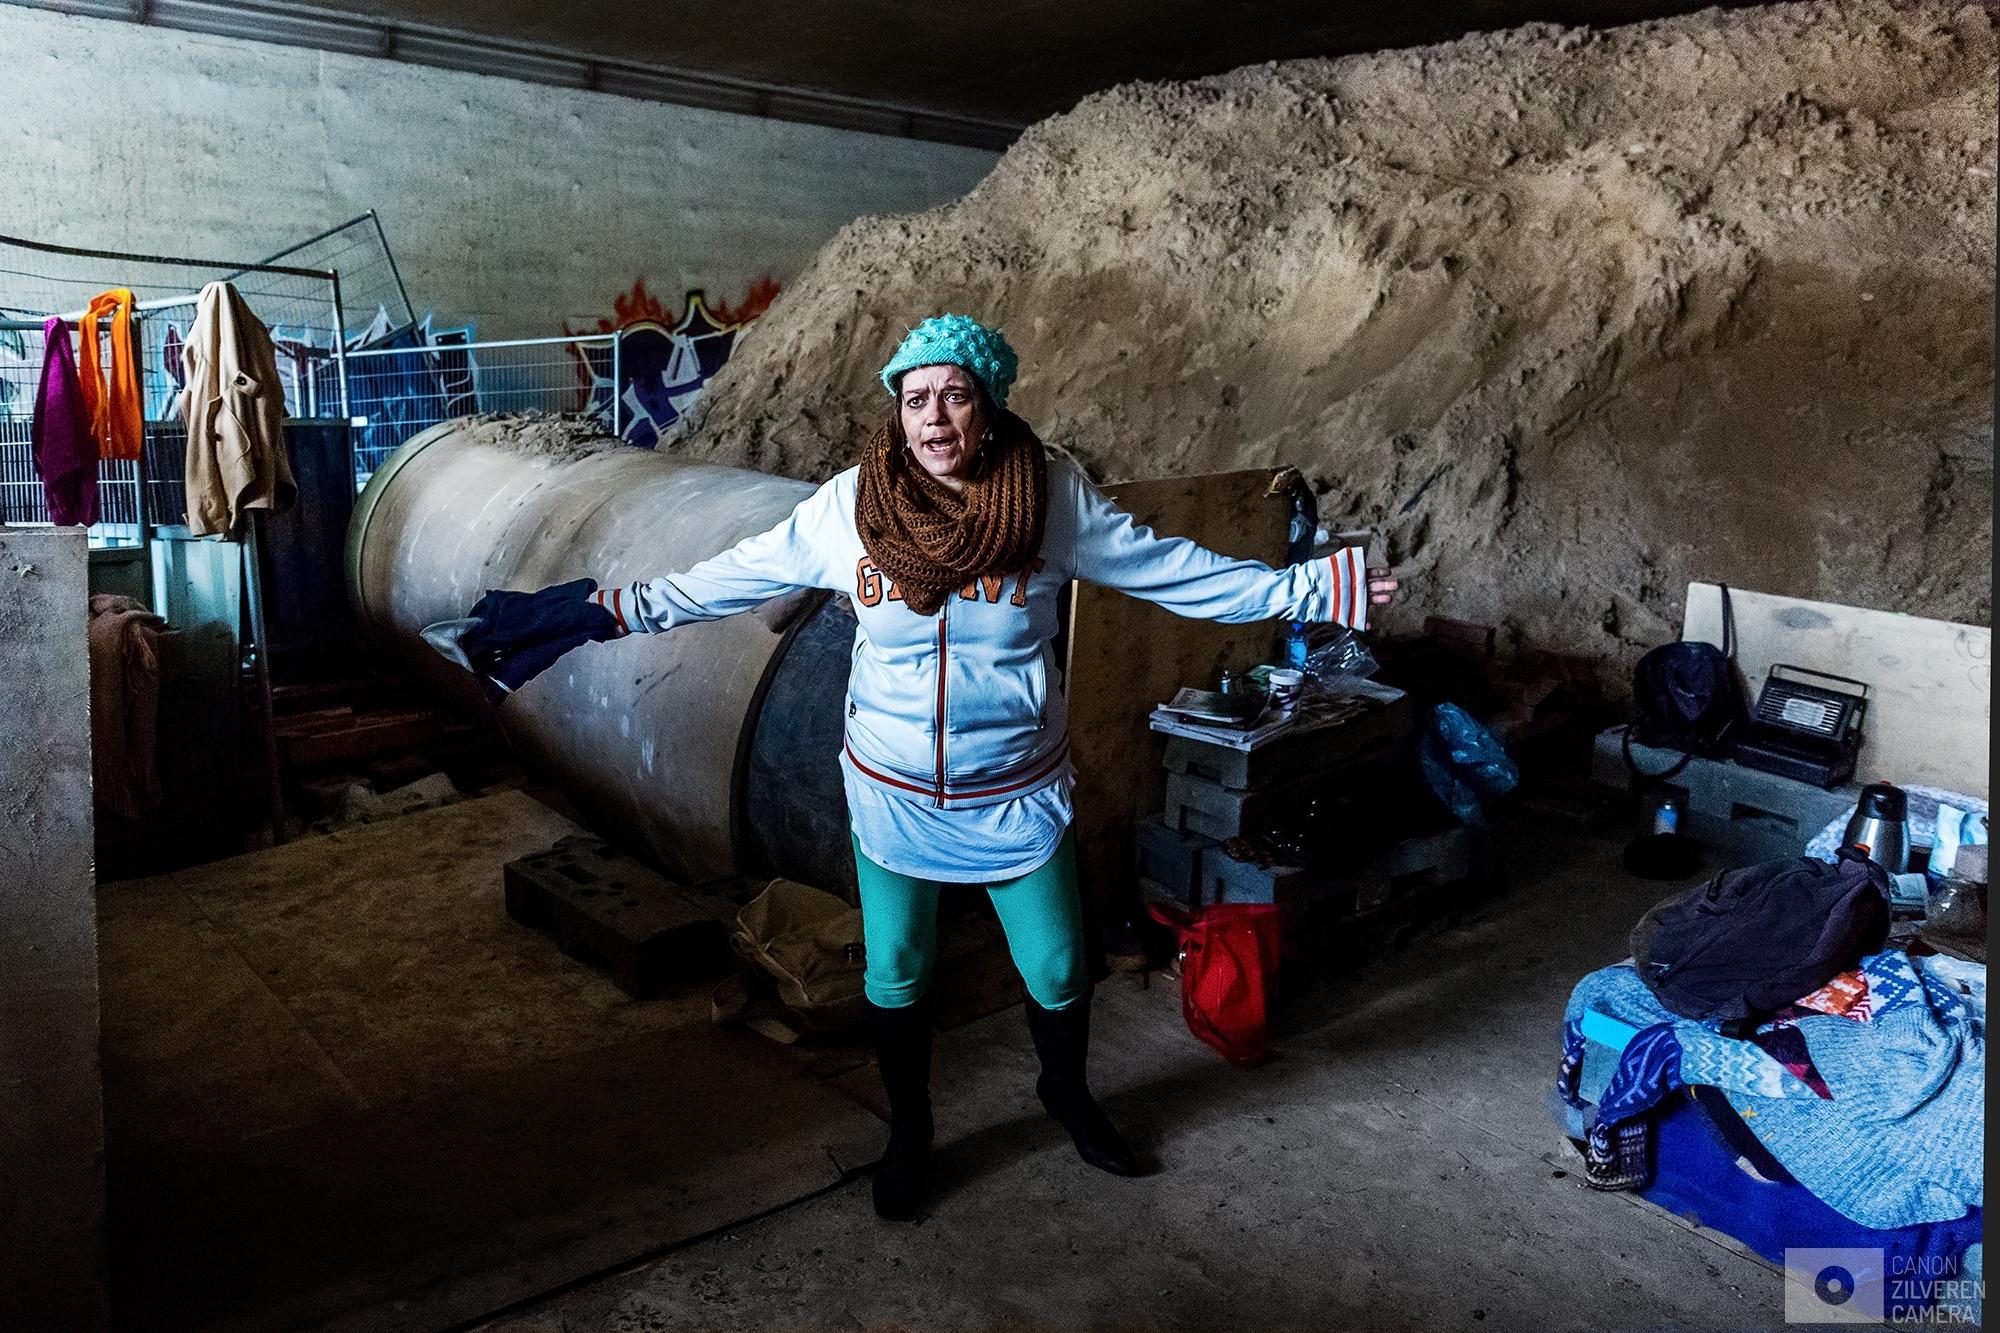 De tunnelbewoners van Nieuw Hoog Catharijne